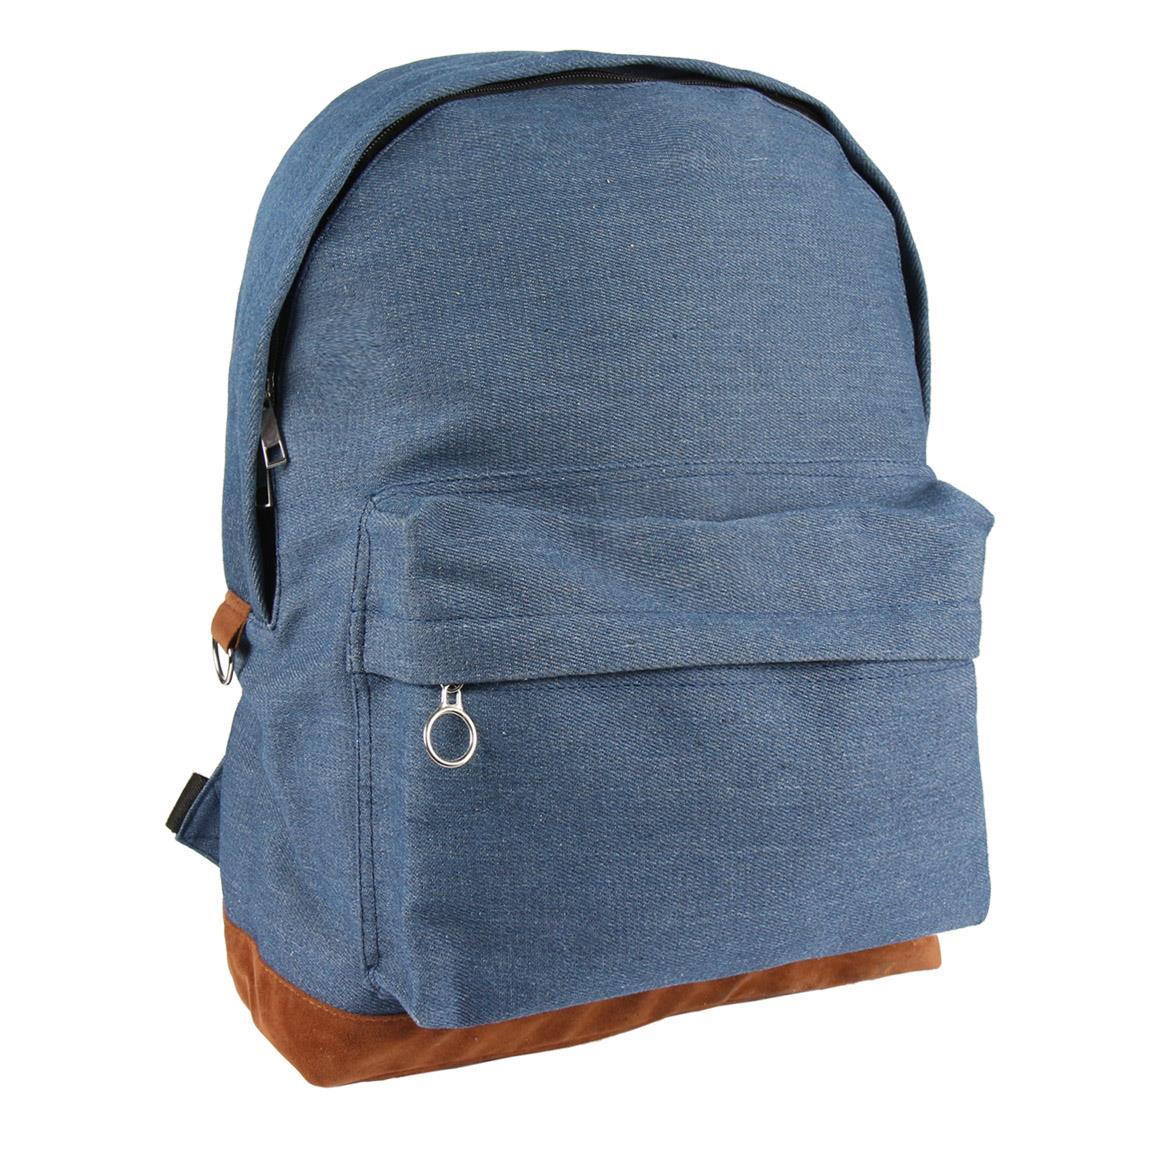 Plain Denim Backpack - 2100002921